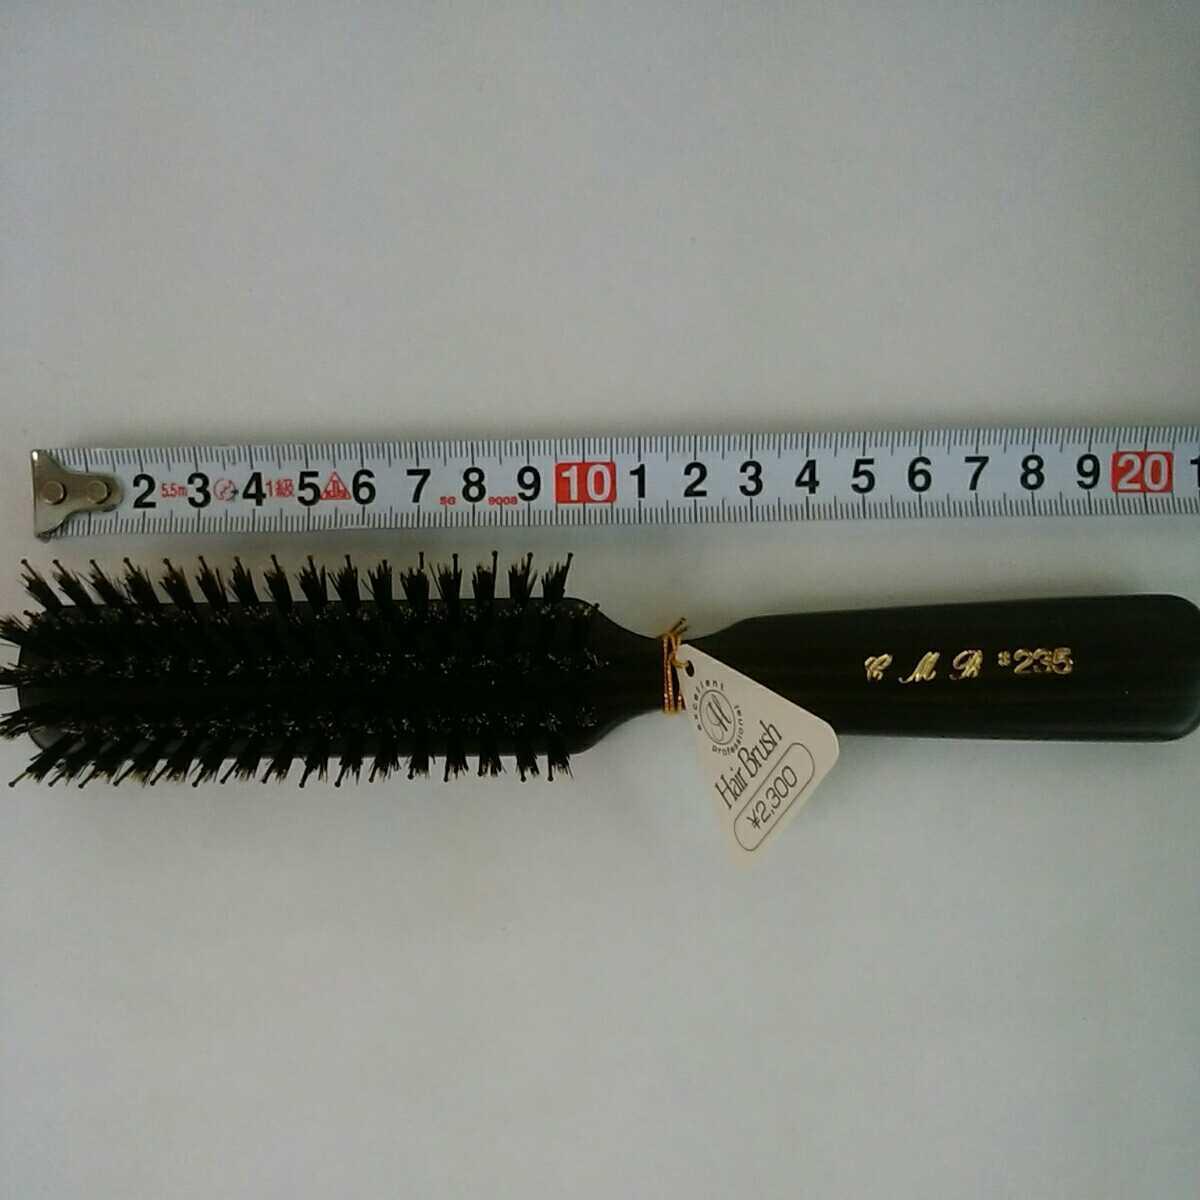 ヘアブラシ3本セット メンズ 理容師 理美容品 天然木 猪毛 仕上げブラシ _画像4